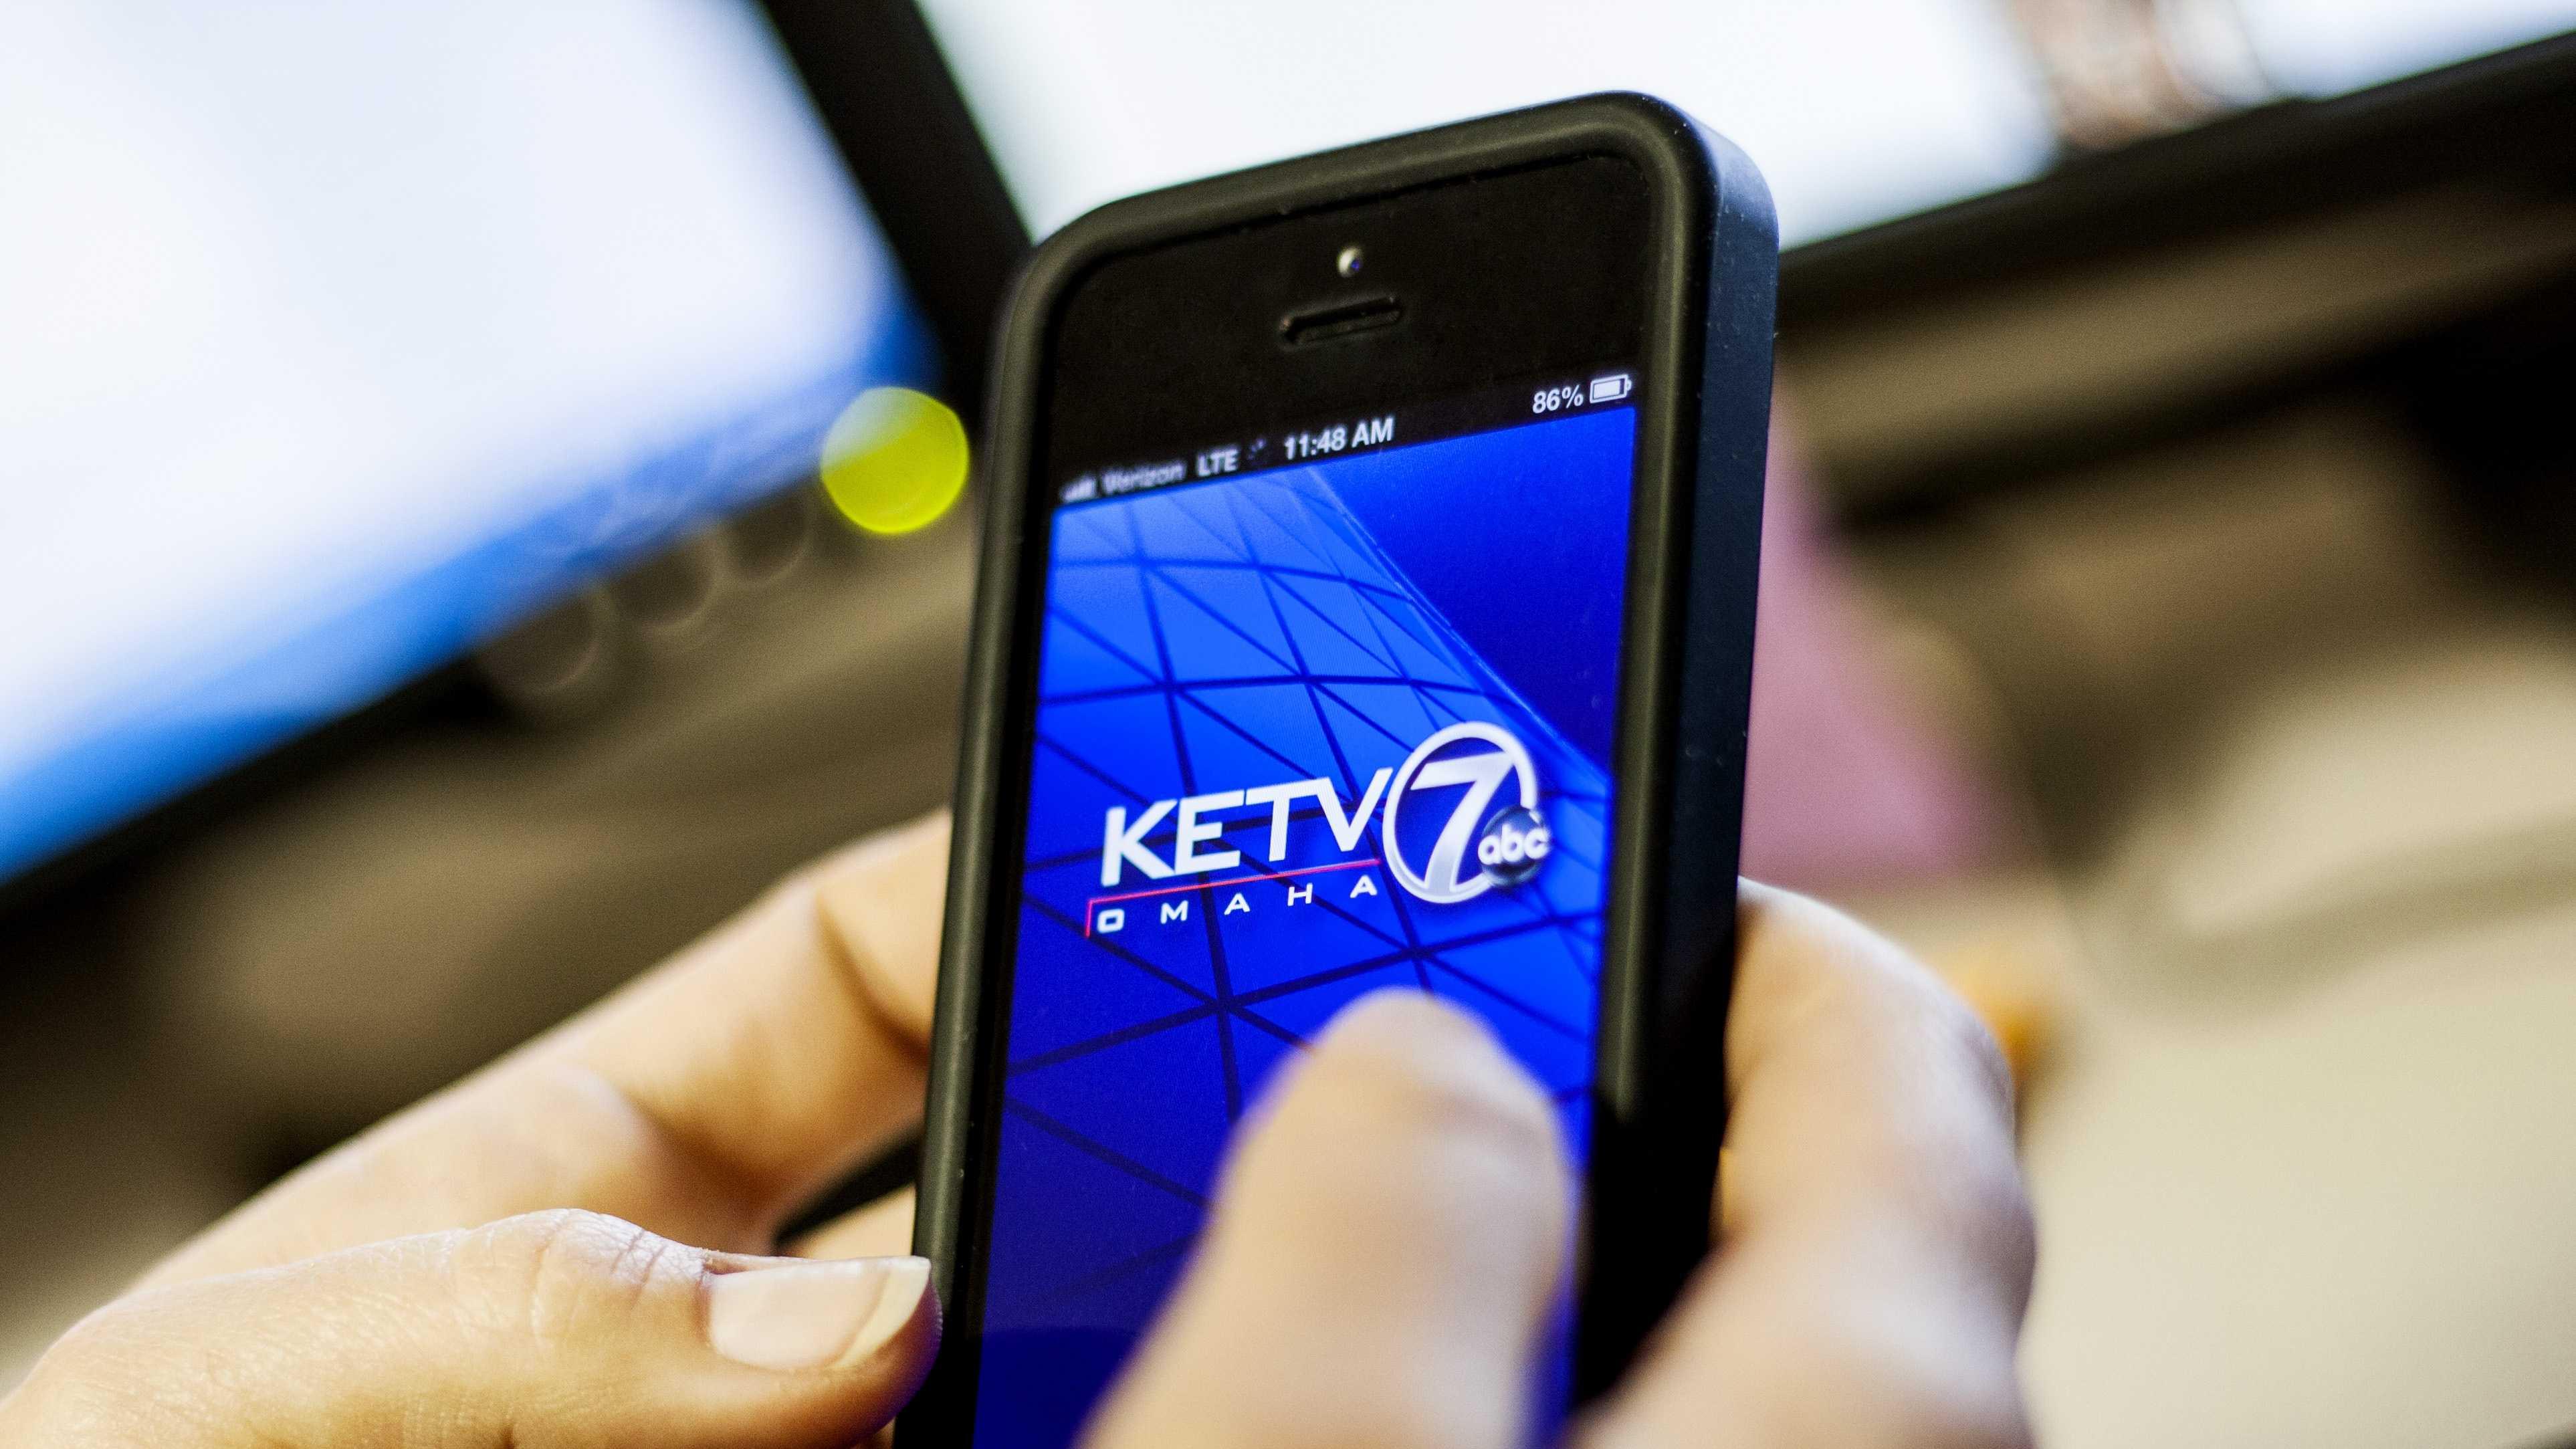 KETV app